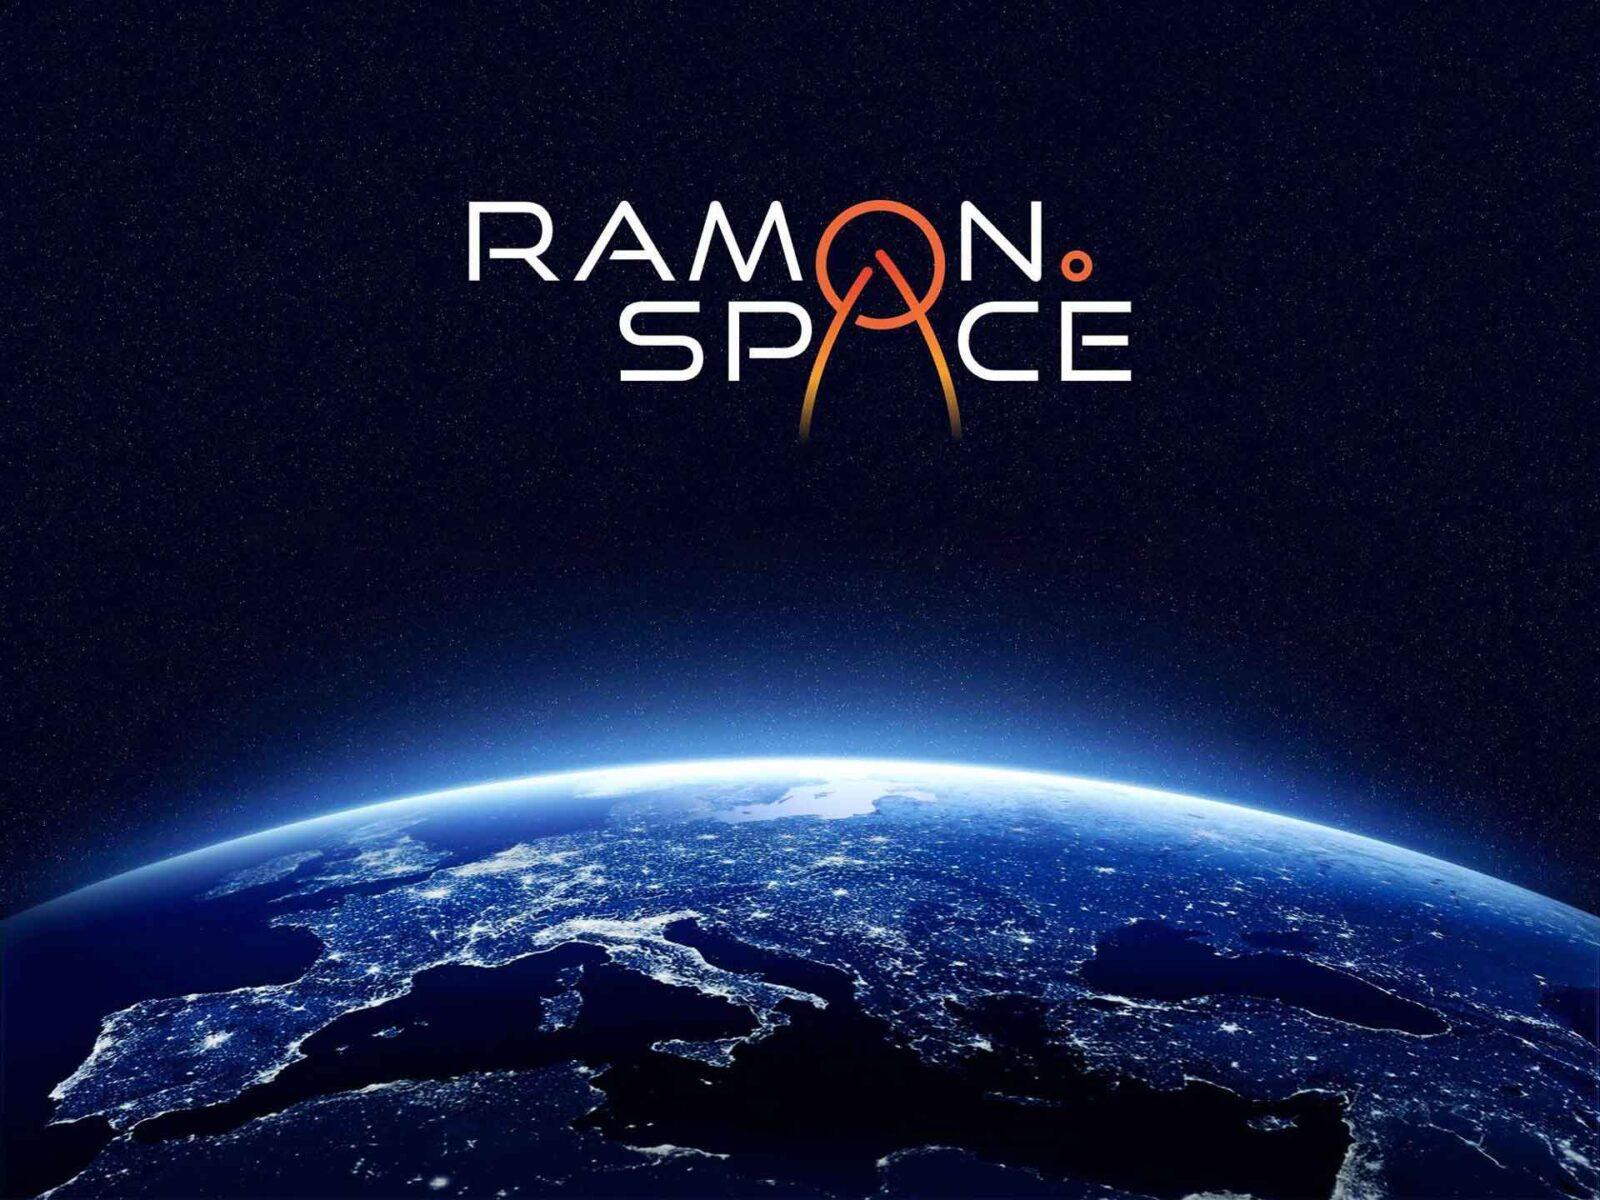 همکاری دو شرکت Ramon.Space و LEOCloud برای ساخت مرکزداده و پردازشگر رایانش ابری در مدار زمین